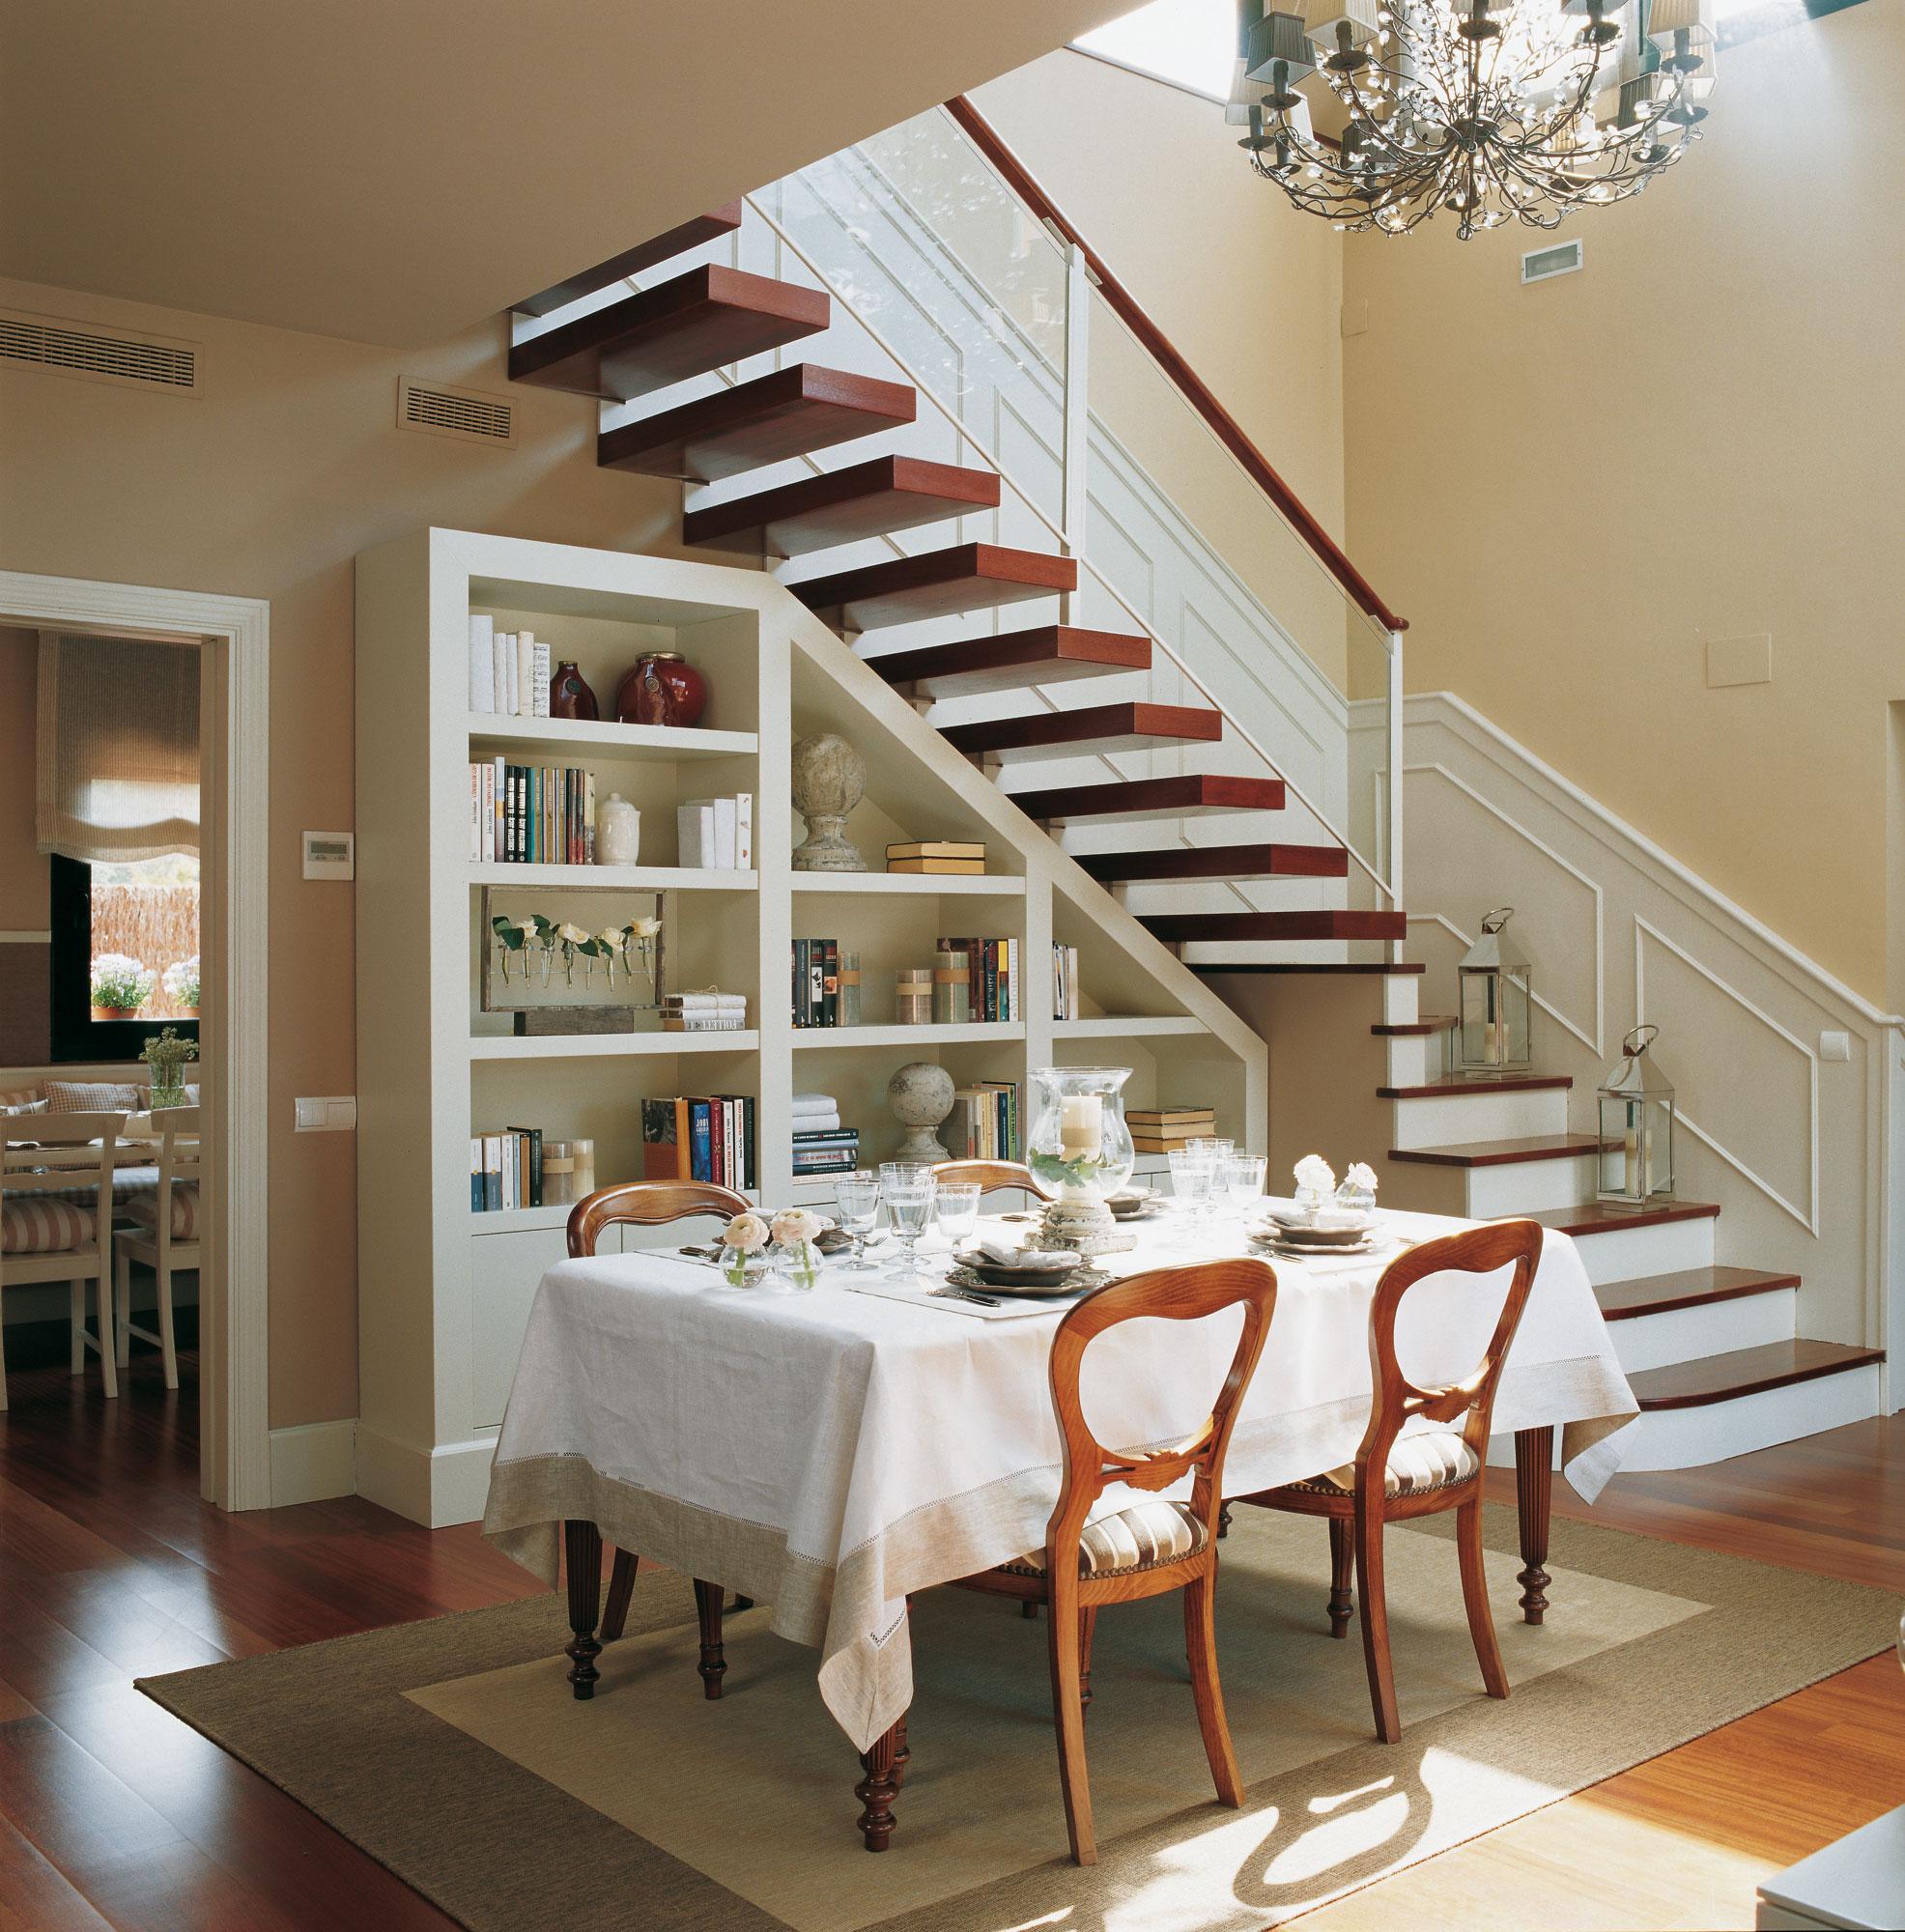 Aprovecha el hueco bajo la escalera for Decorar escaleras con fotos